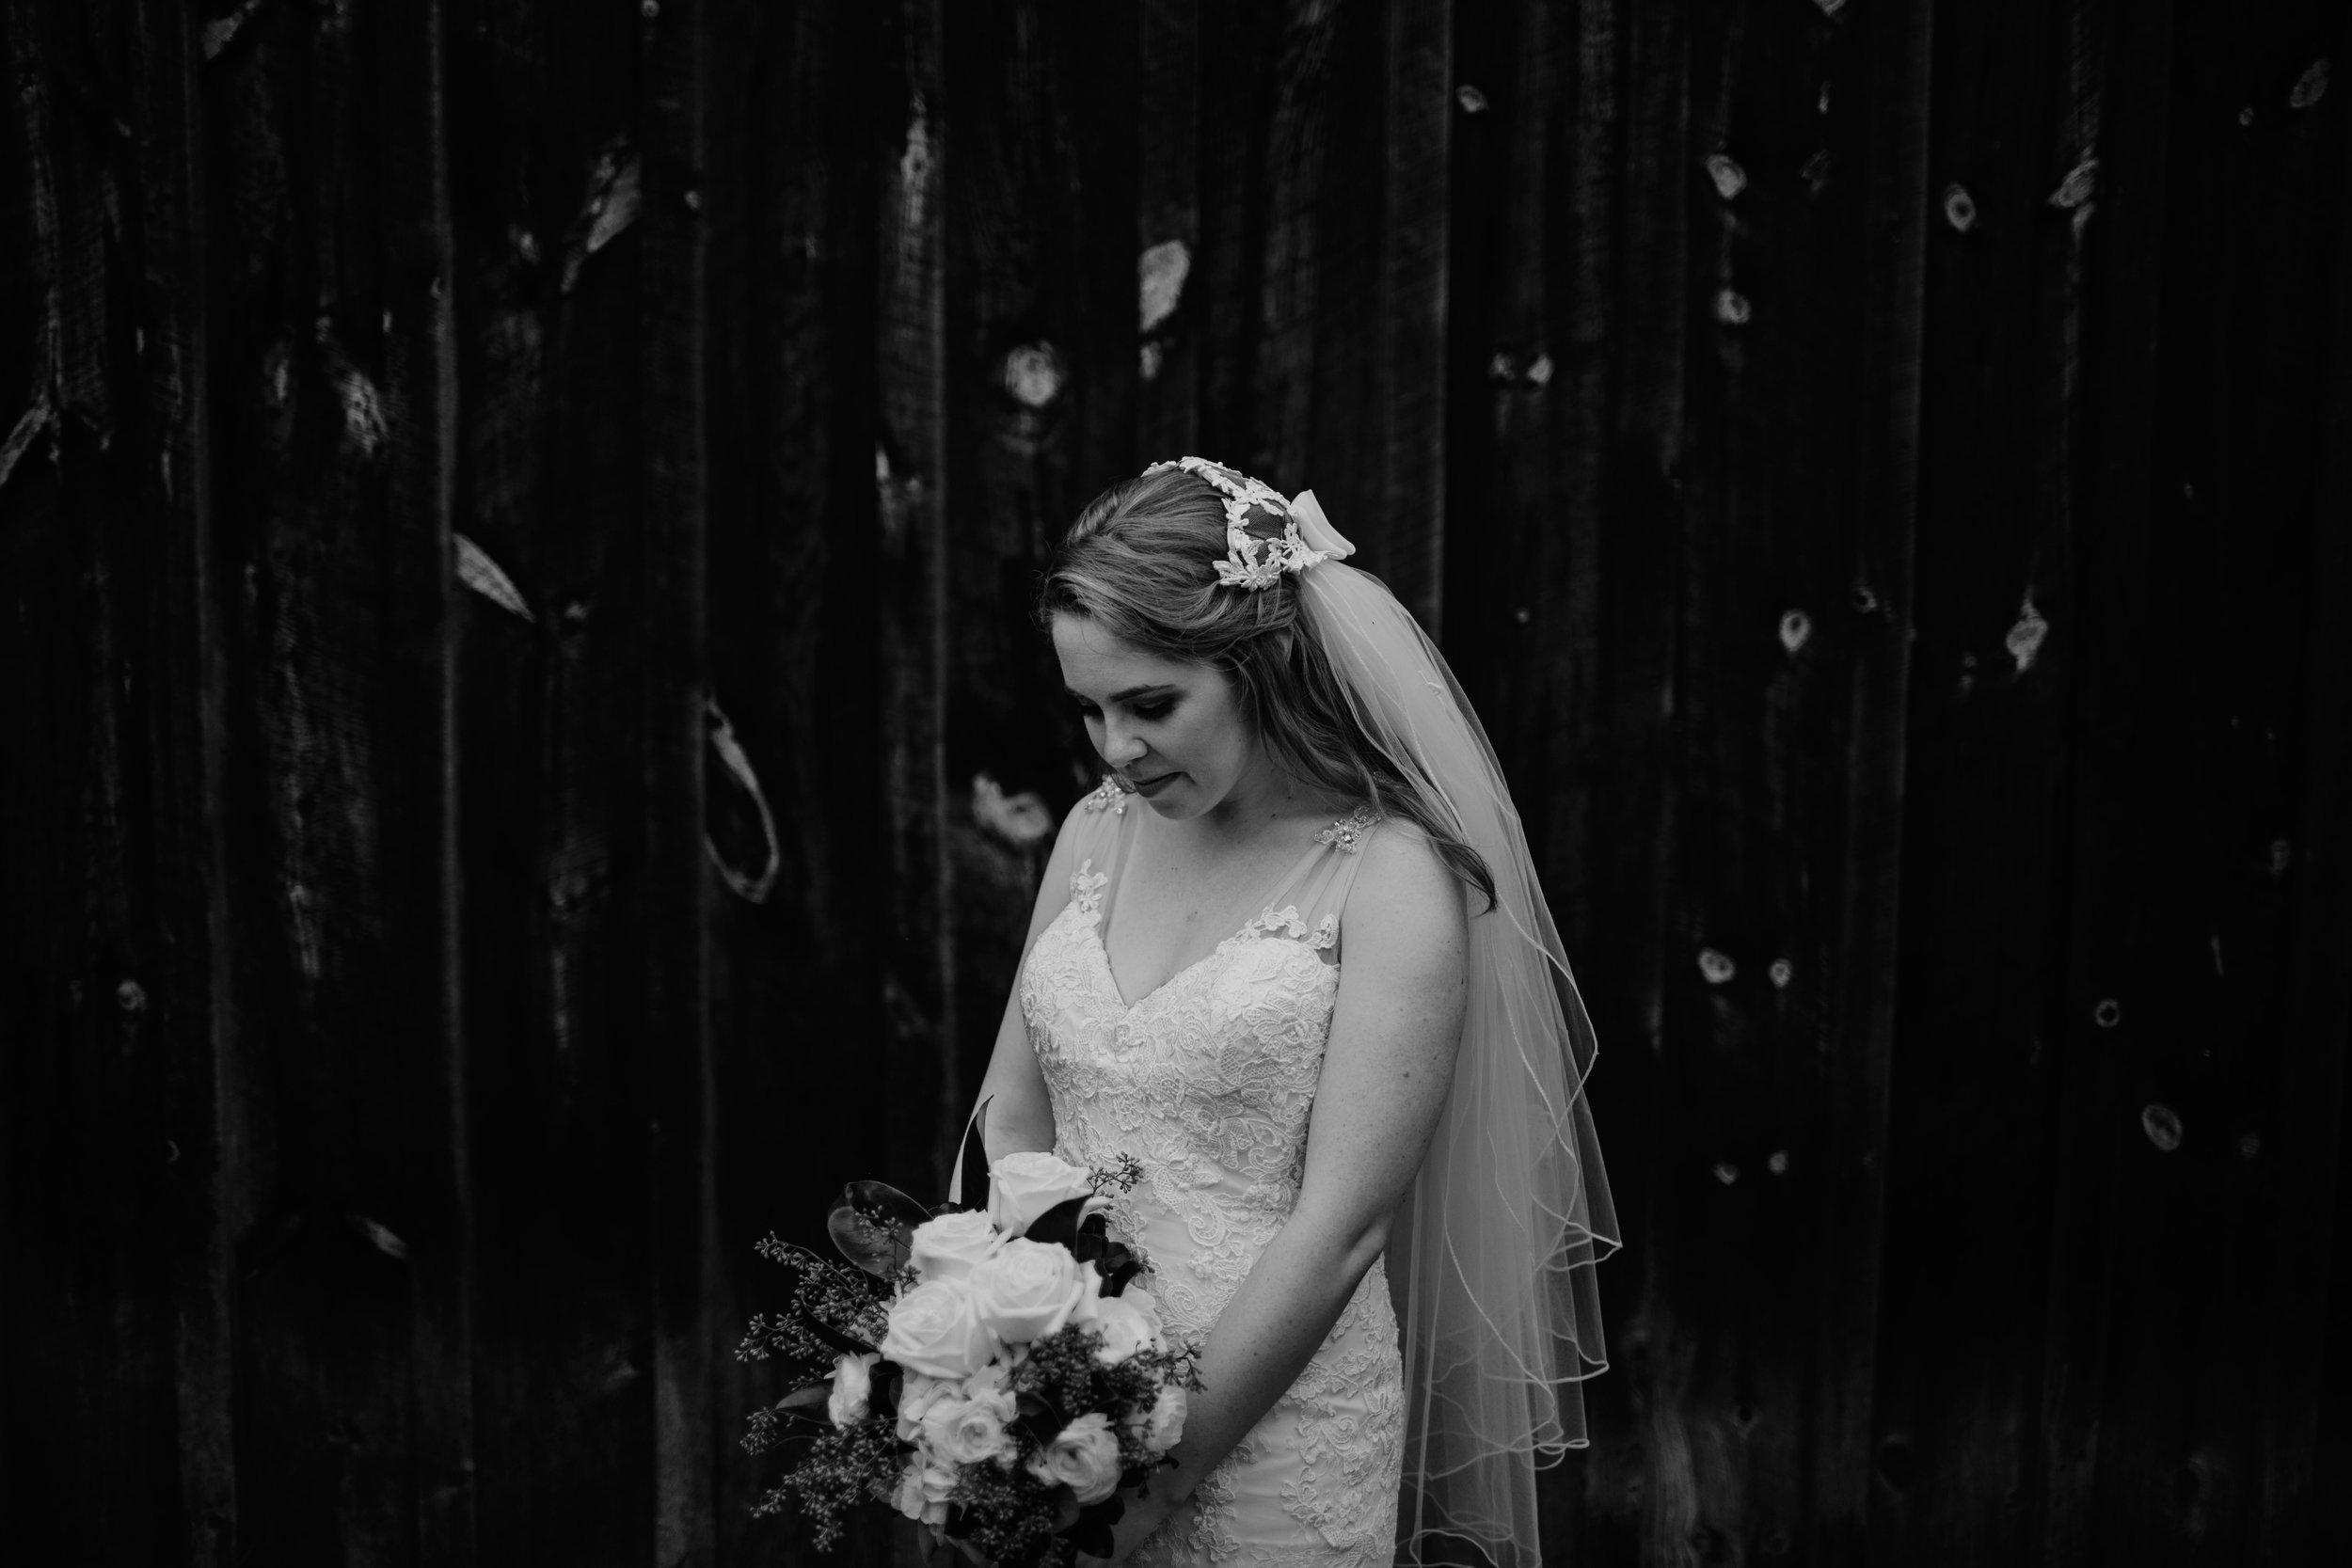 ALICIAandPETER-bridegroom (148 of 254).jpg